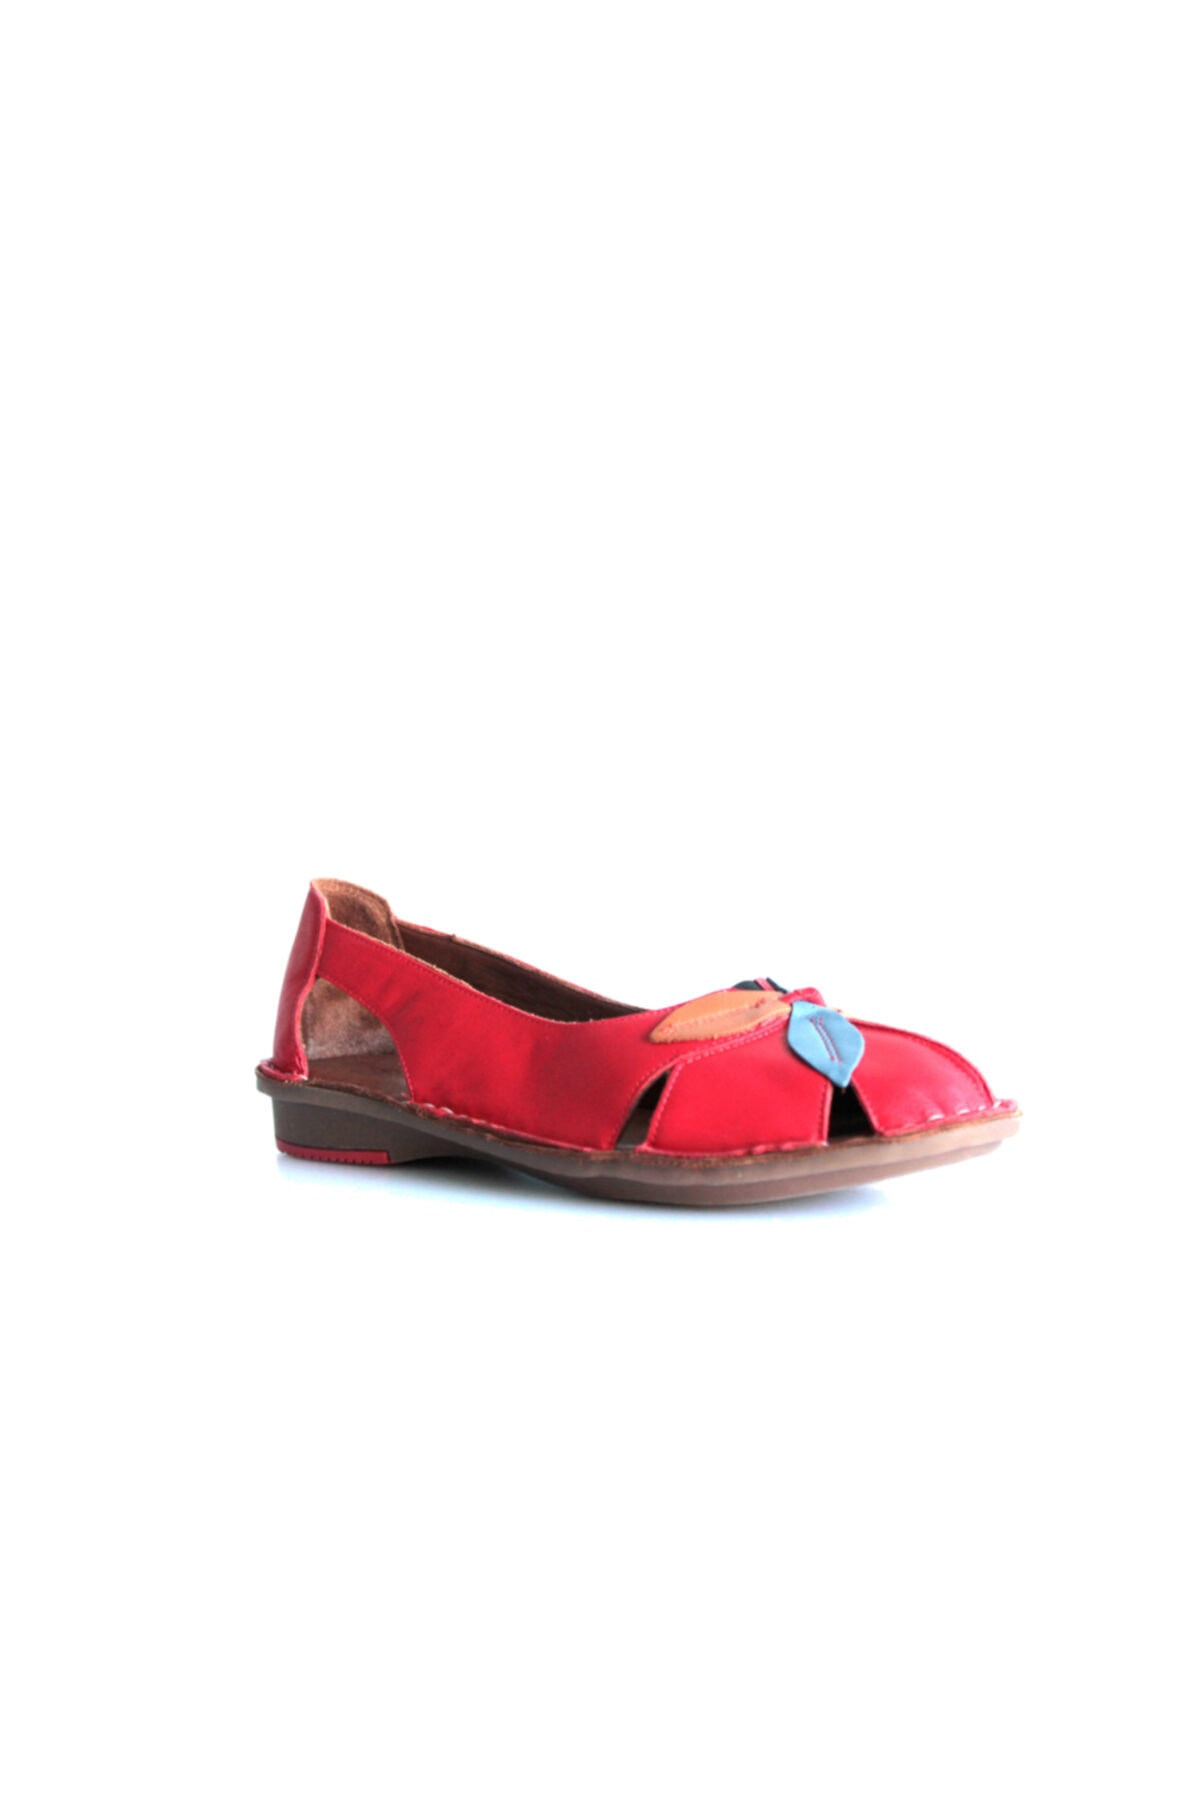 Beta Shoes Kadın Hakiki Deri Günlük Ayakkabı Kırmızı 1